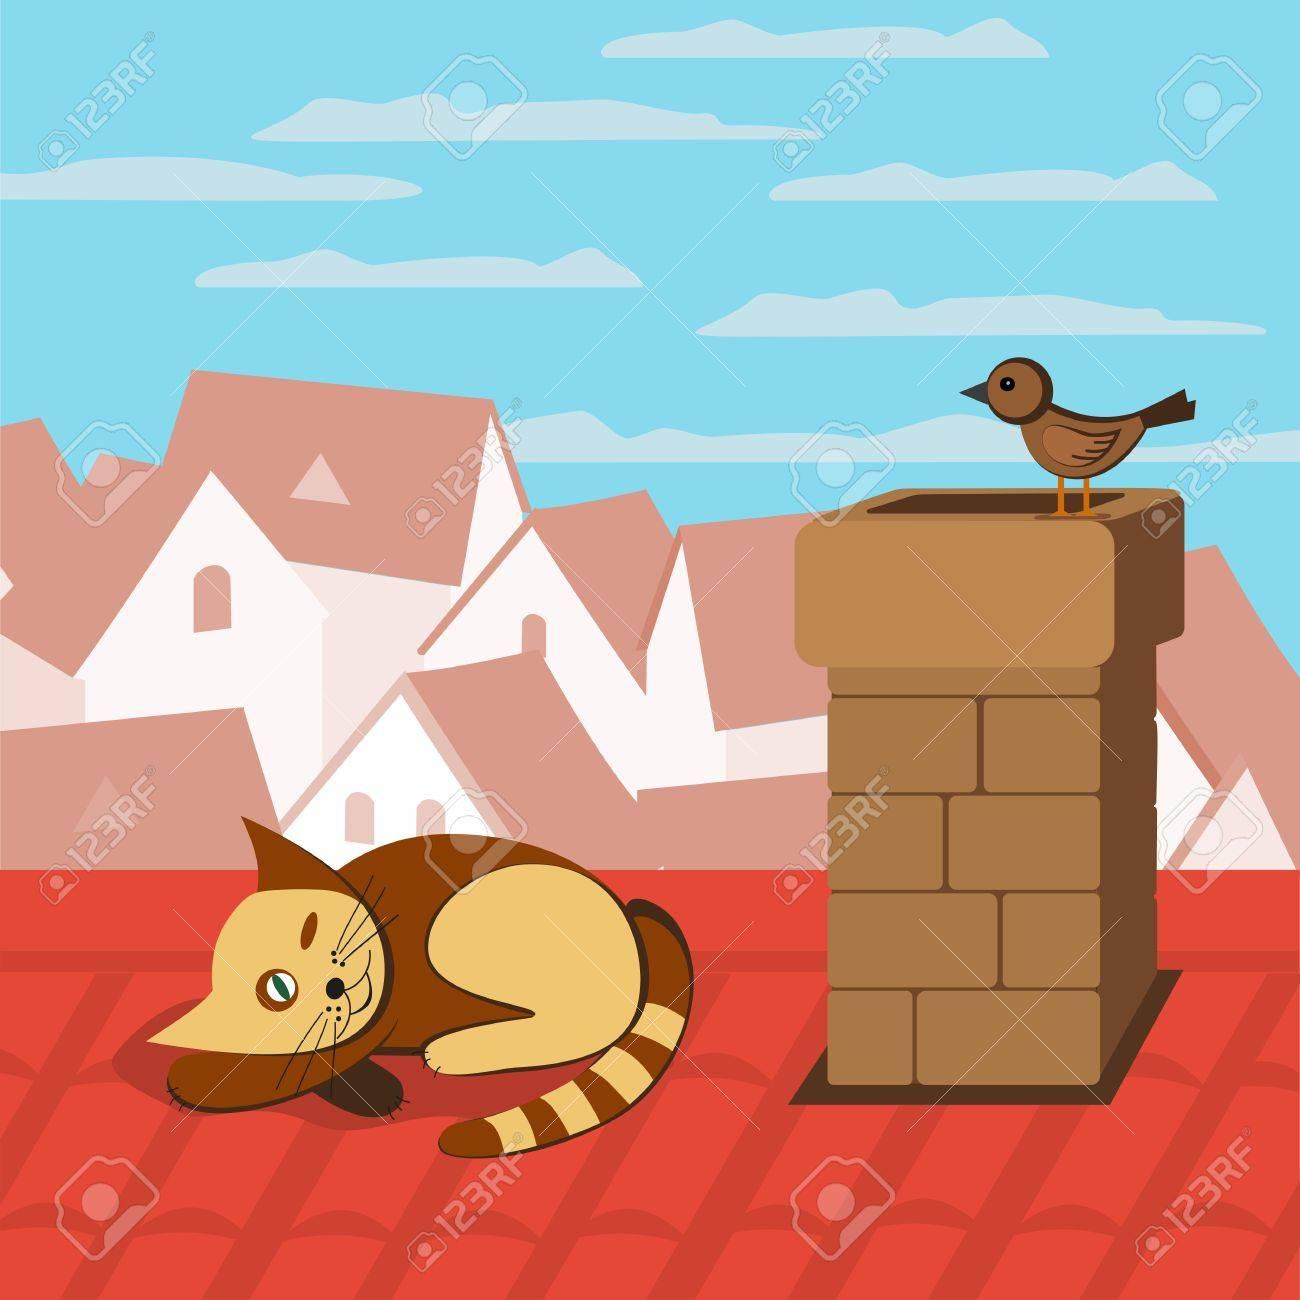 la gata sobre el tejado pjaro que se sienta en la chimenea